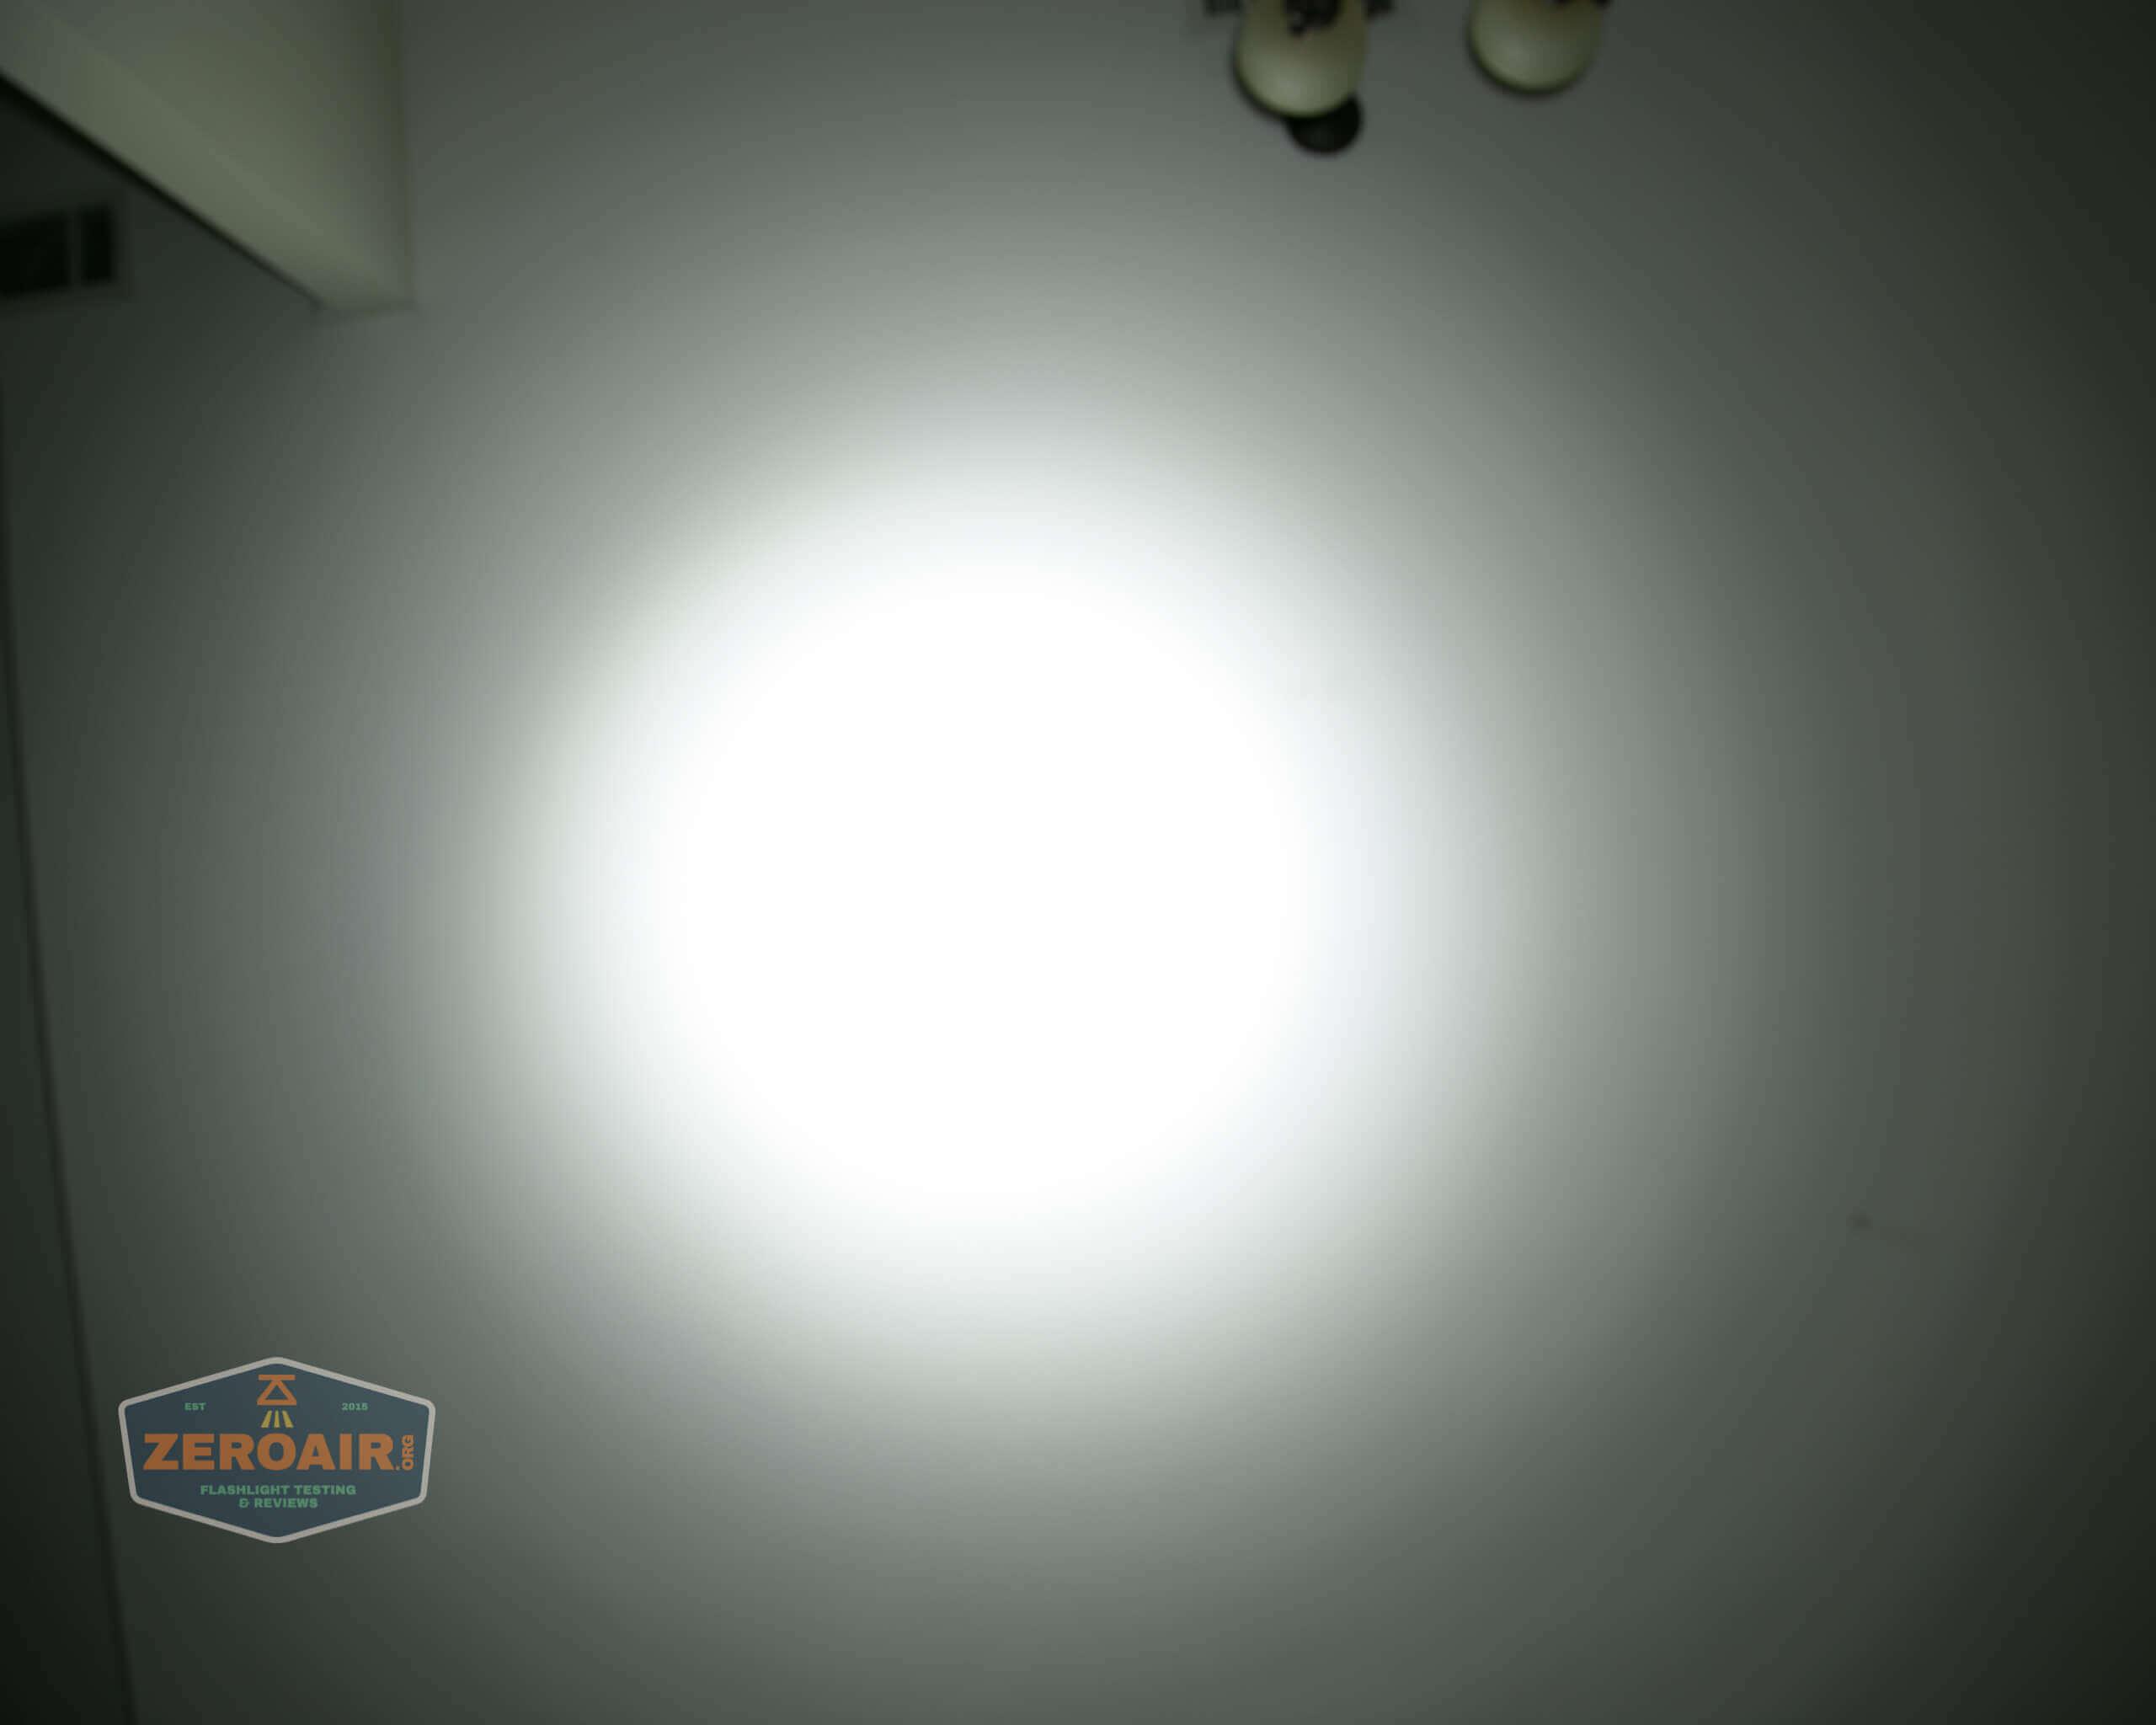 nitebeam x12uv flashlight beamshots ceiling high